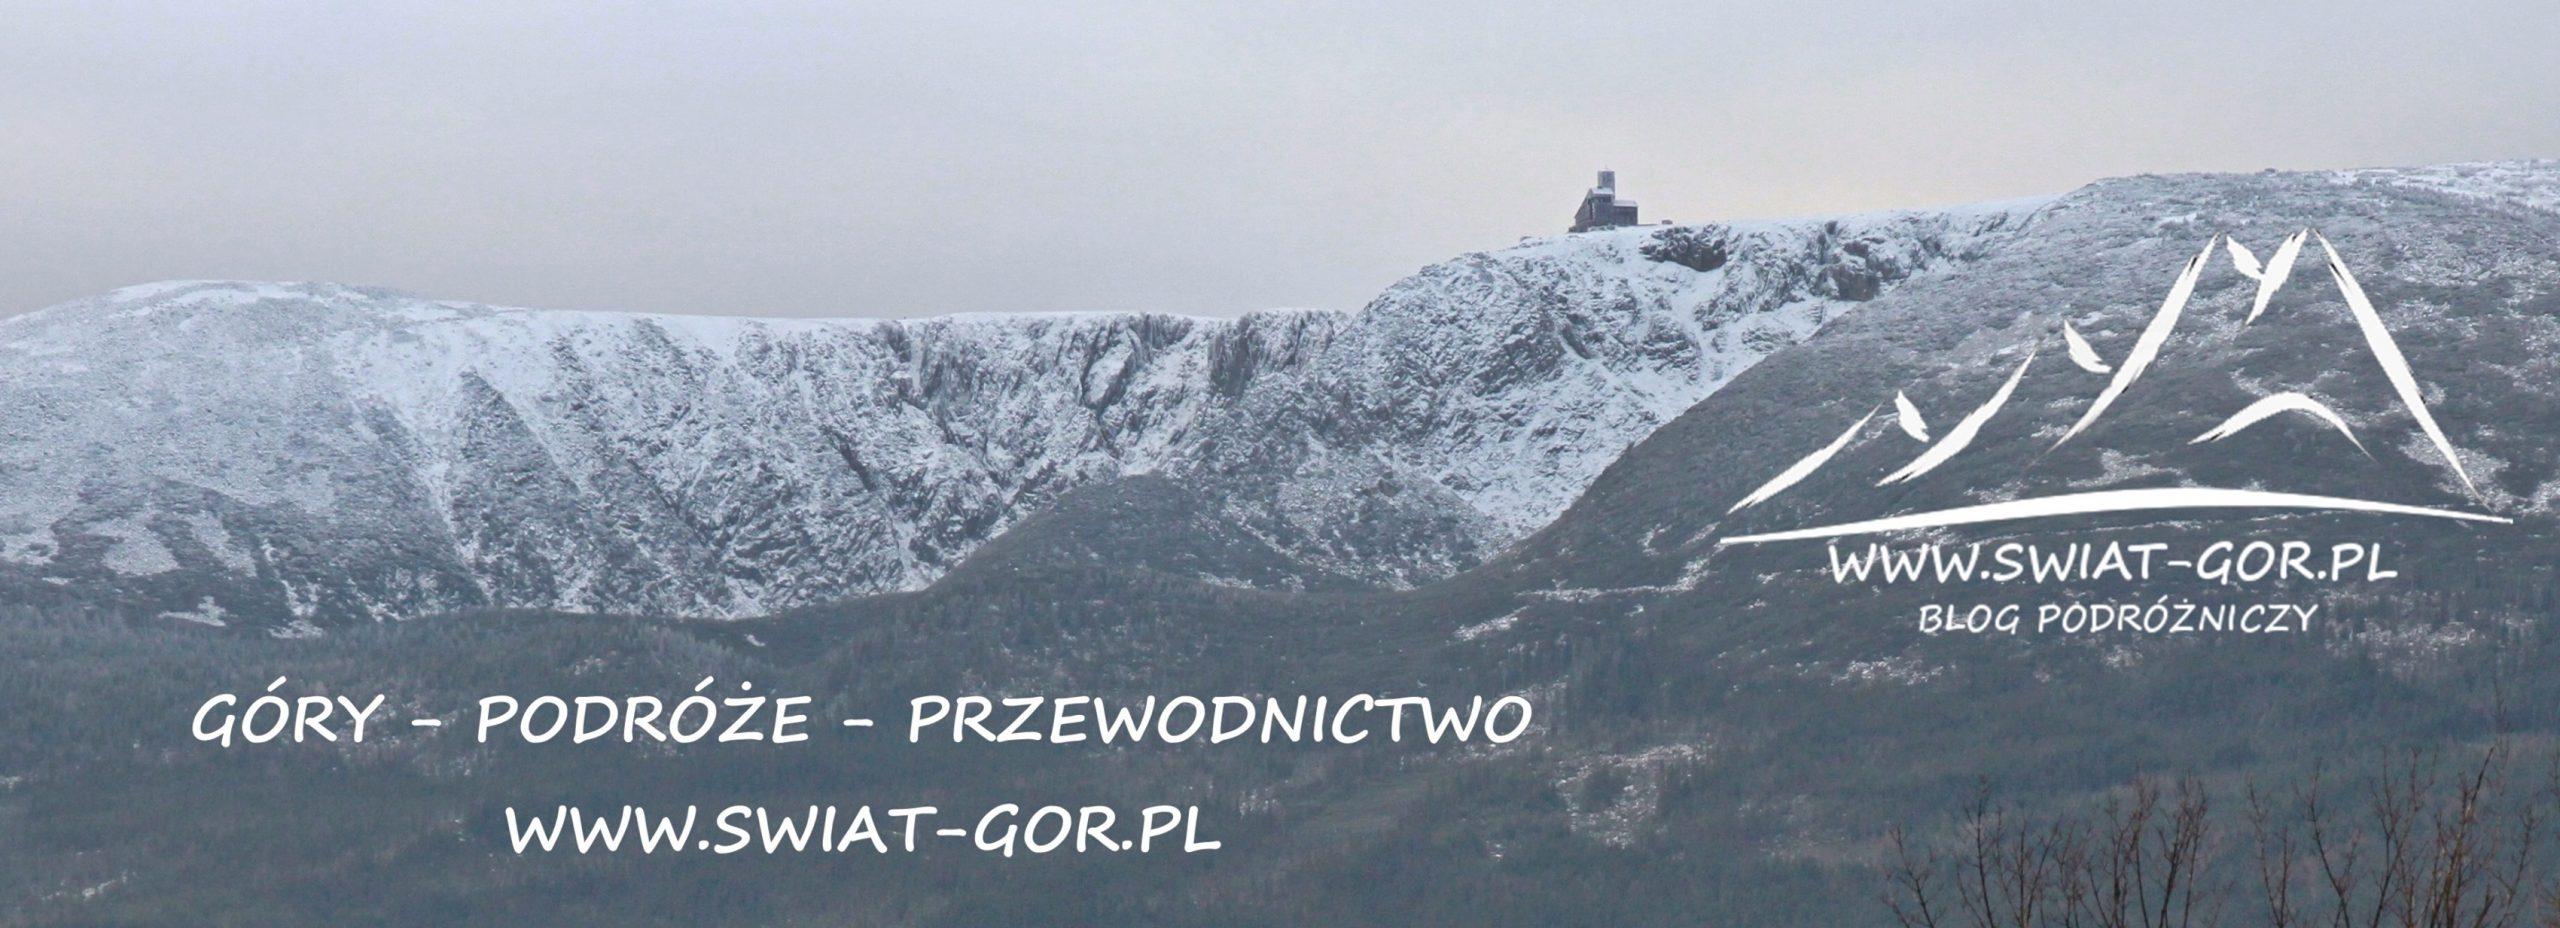 Świat Gór - Blog podróżniczy